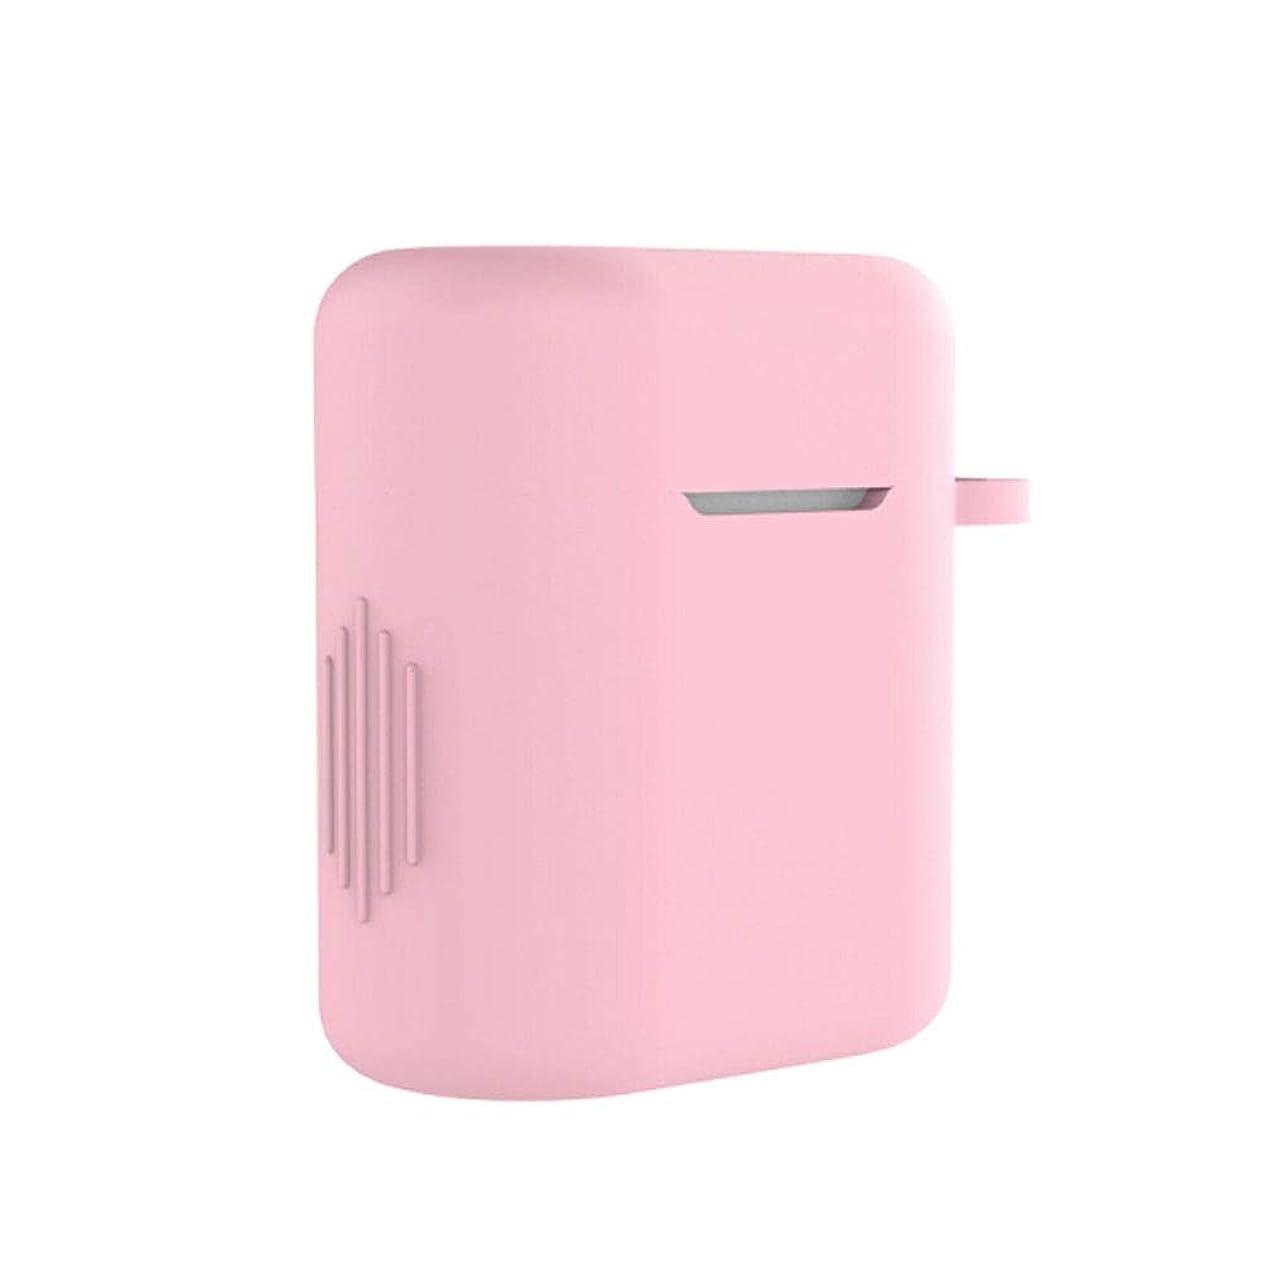 はずぐったり植物のQiyuezhuangshi001 ヘッドフォンカバー、ワイヤレスBluetoothヘッドセット、液体シリコン非汚染アンチロスト収納ボックス、[アンチロストロープ+フック+バブルペースト+収納袋を送る] 絶妙な (Color : Pink)